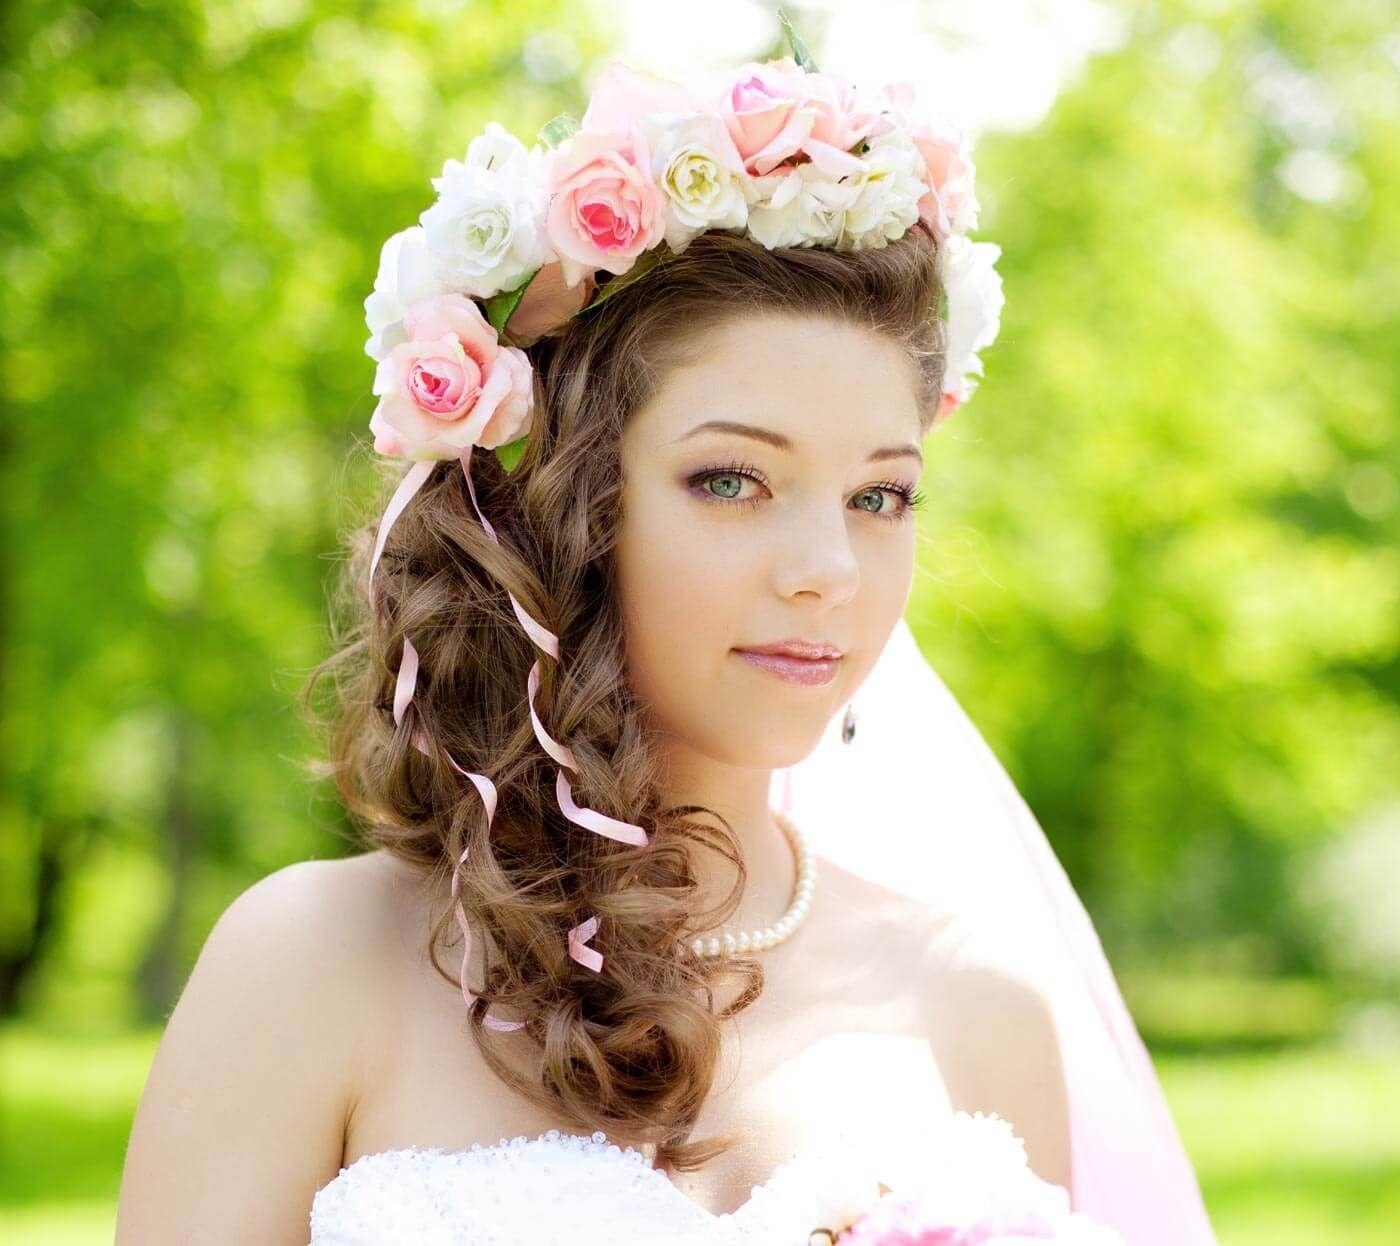 Brautfrisur Prinzessin  Große Bildergalerie  Brautfrisur, Braut